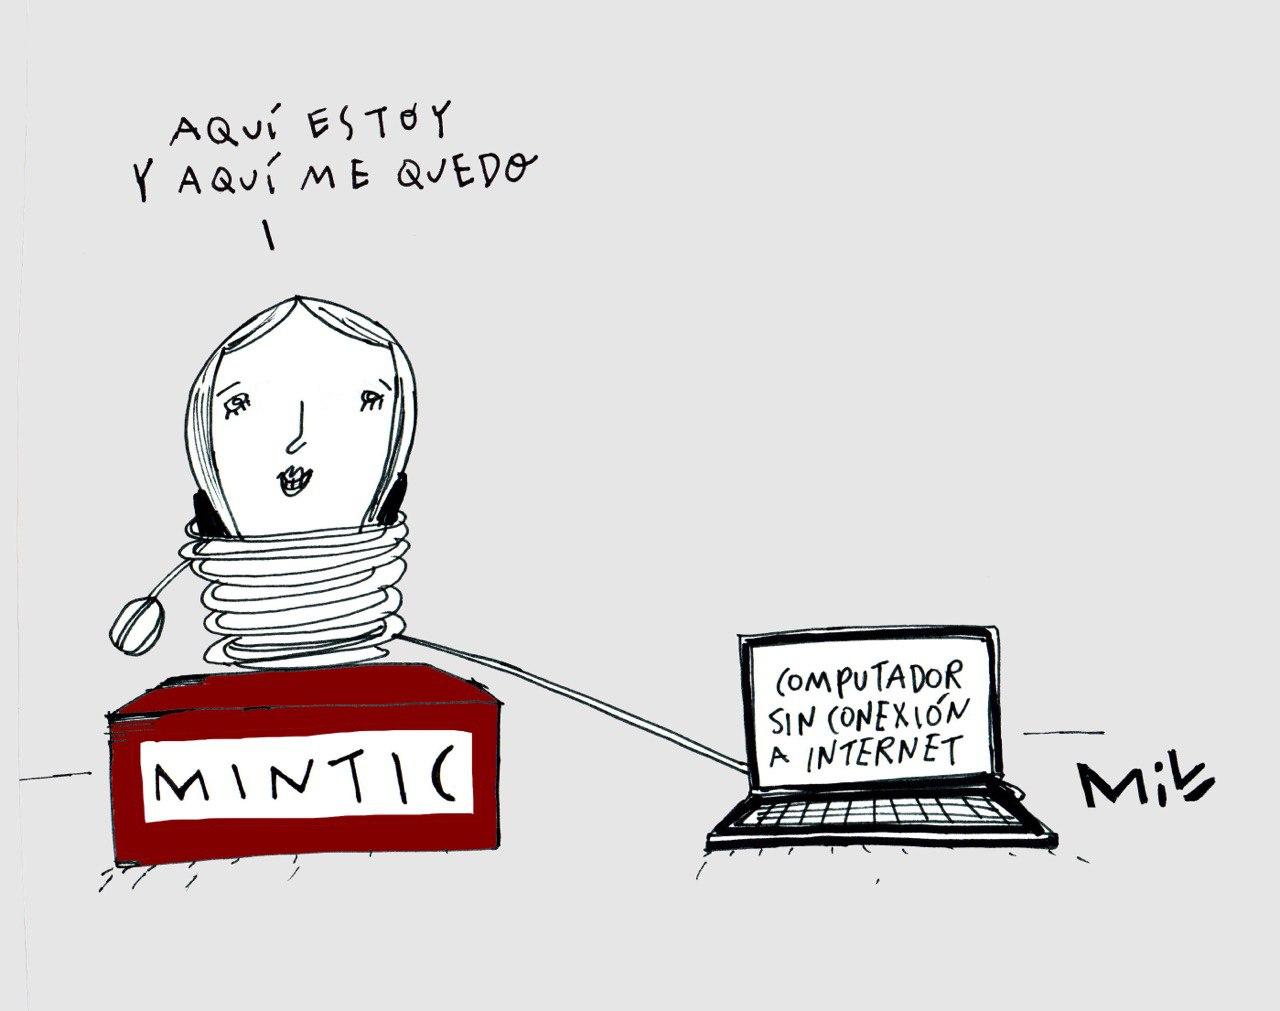 Aquí estoy y aquí me quedo - #Caricatura7días 1